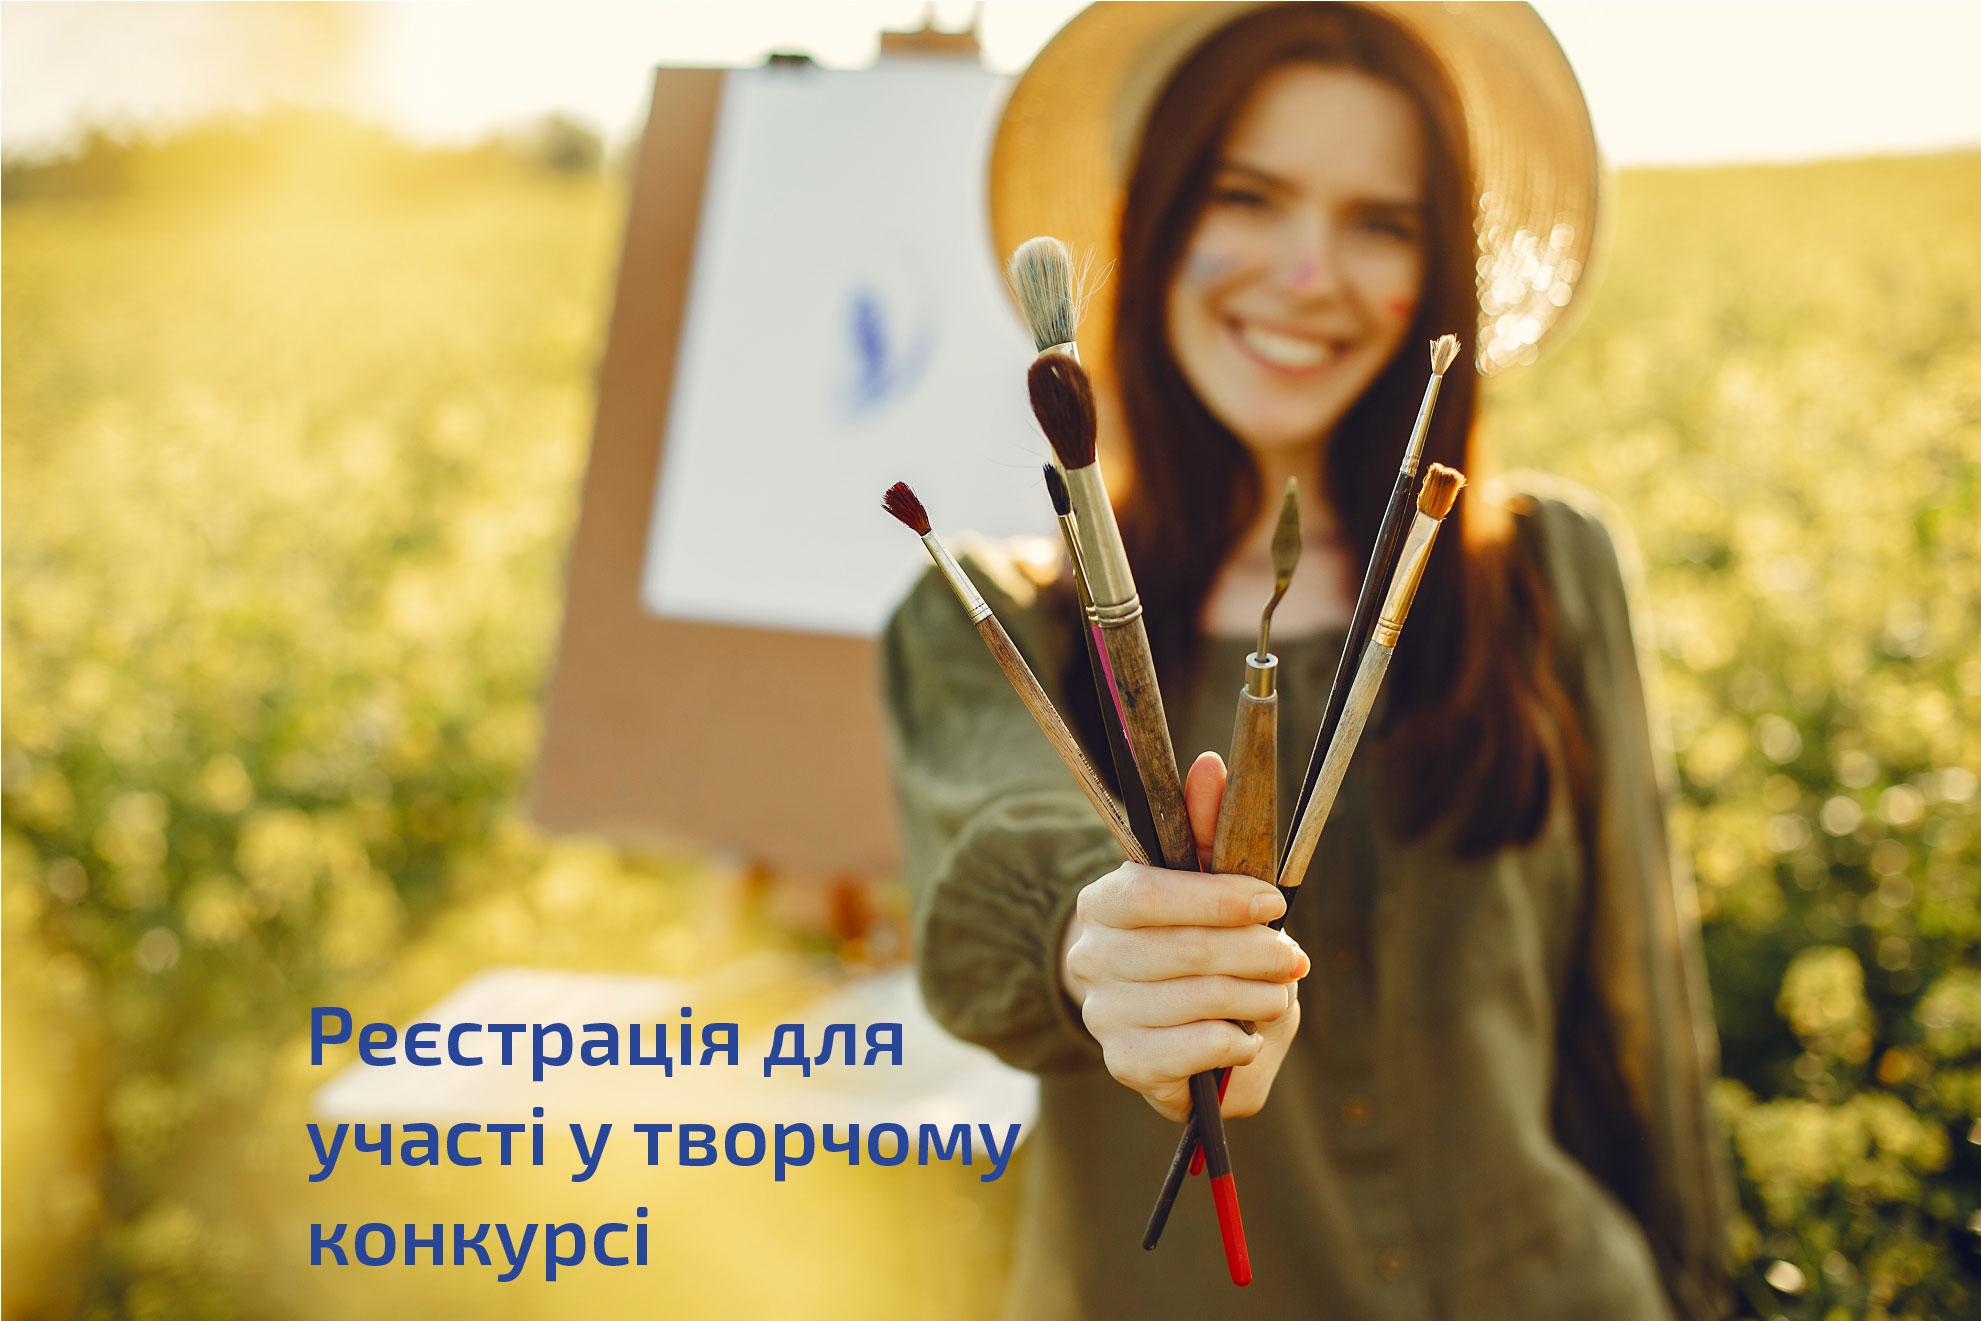 Реєстрація для участі у творчому конкурсі